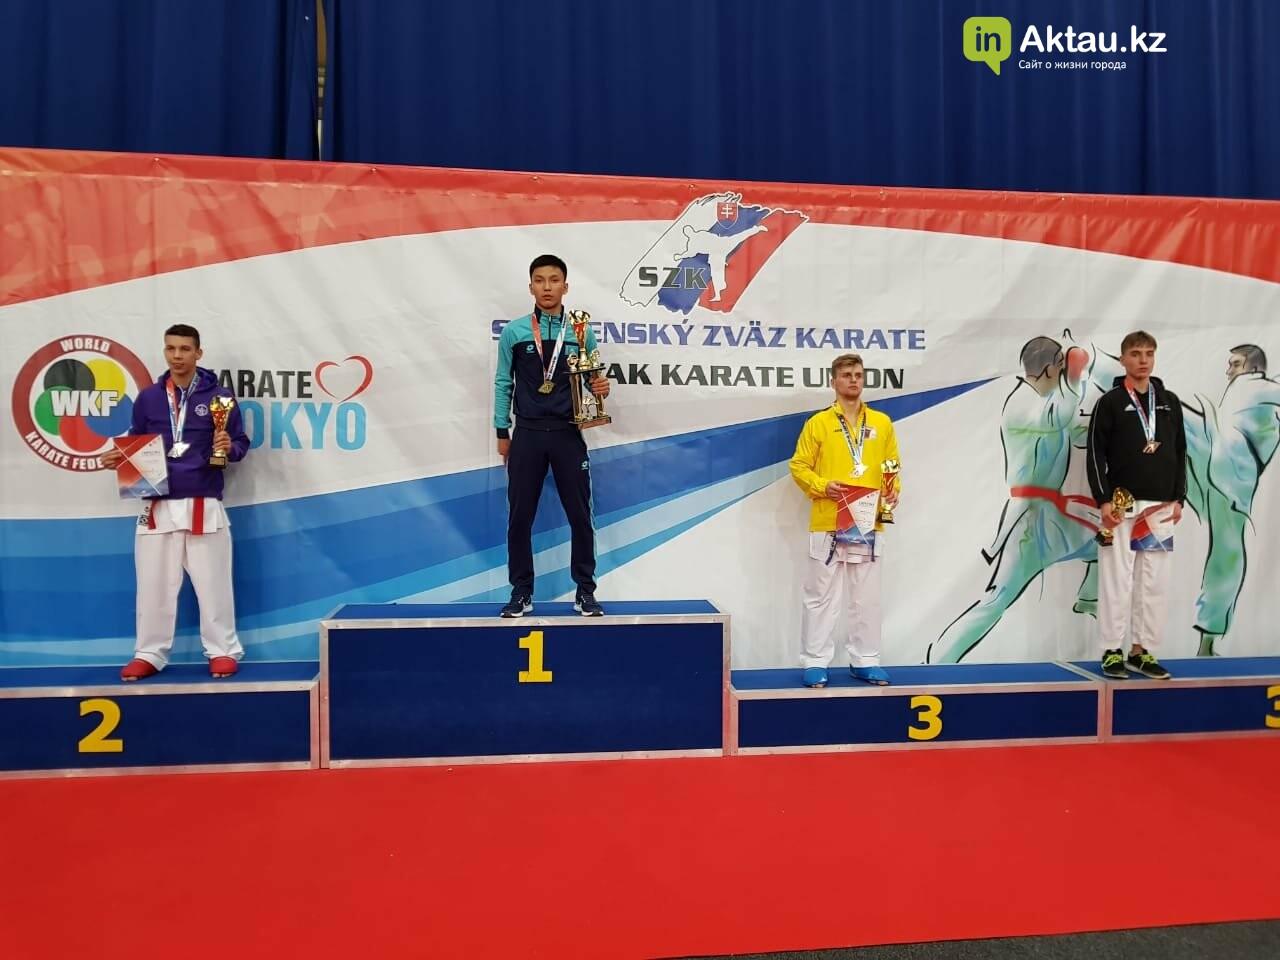 Три медали завоевали мангистауские каратисты в Братиславе, фото-1